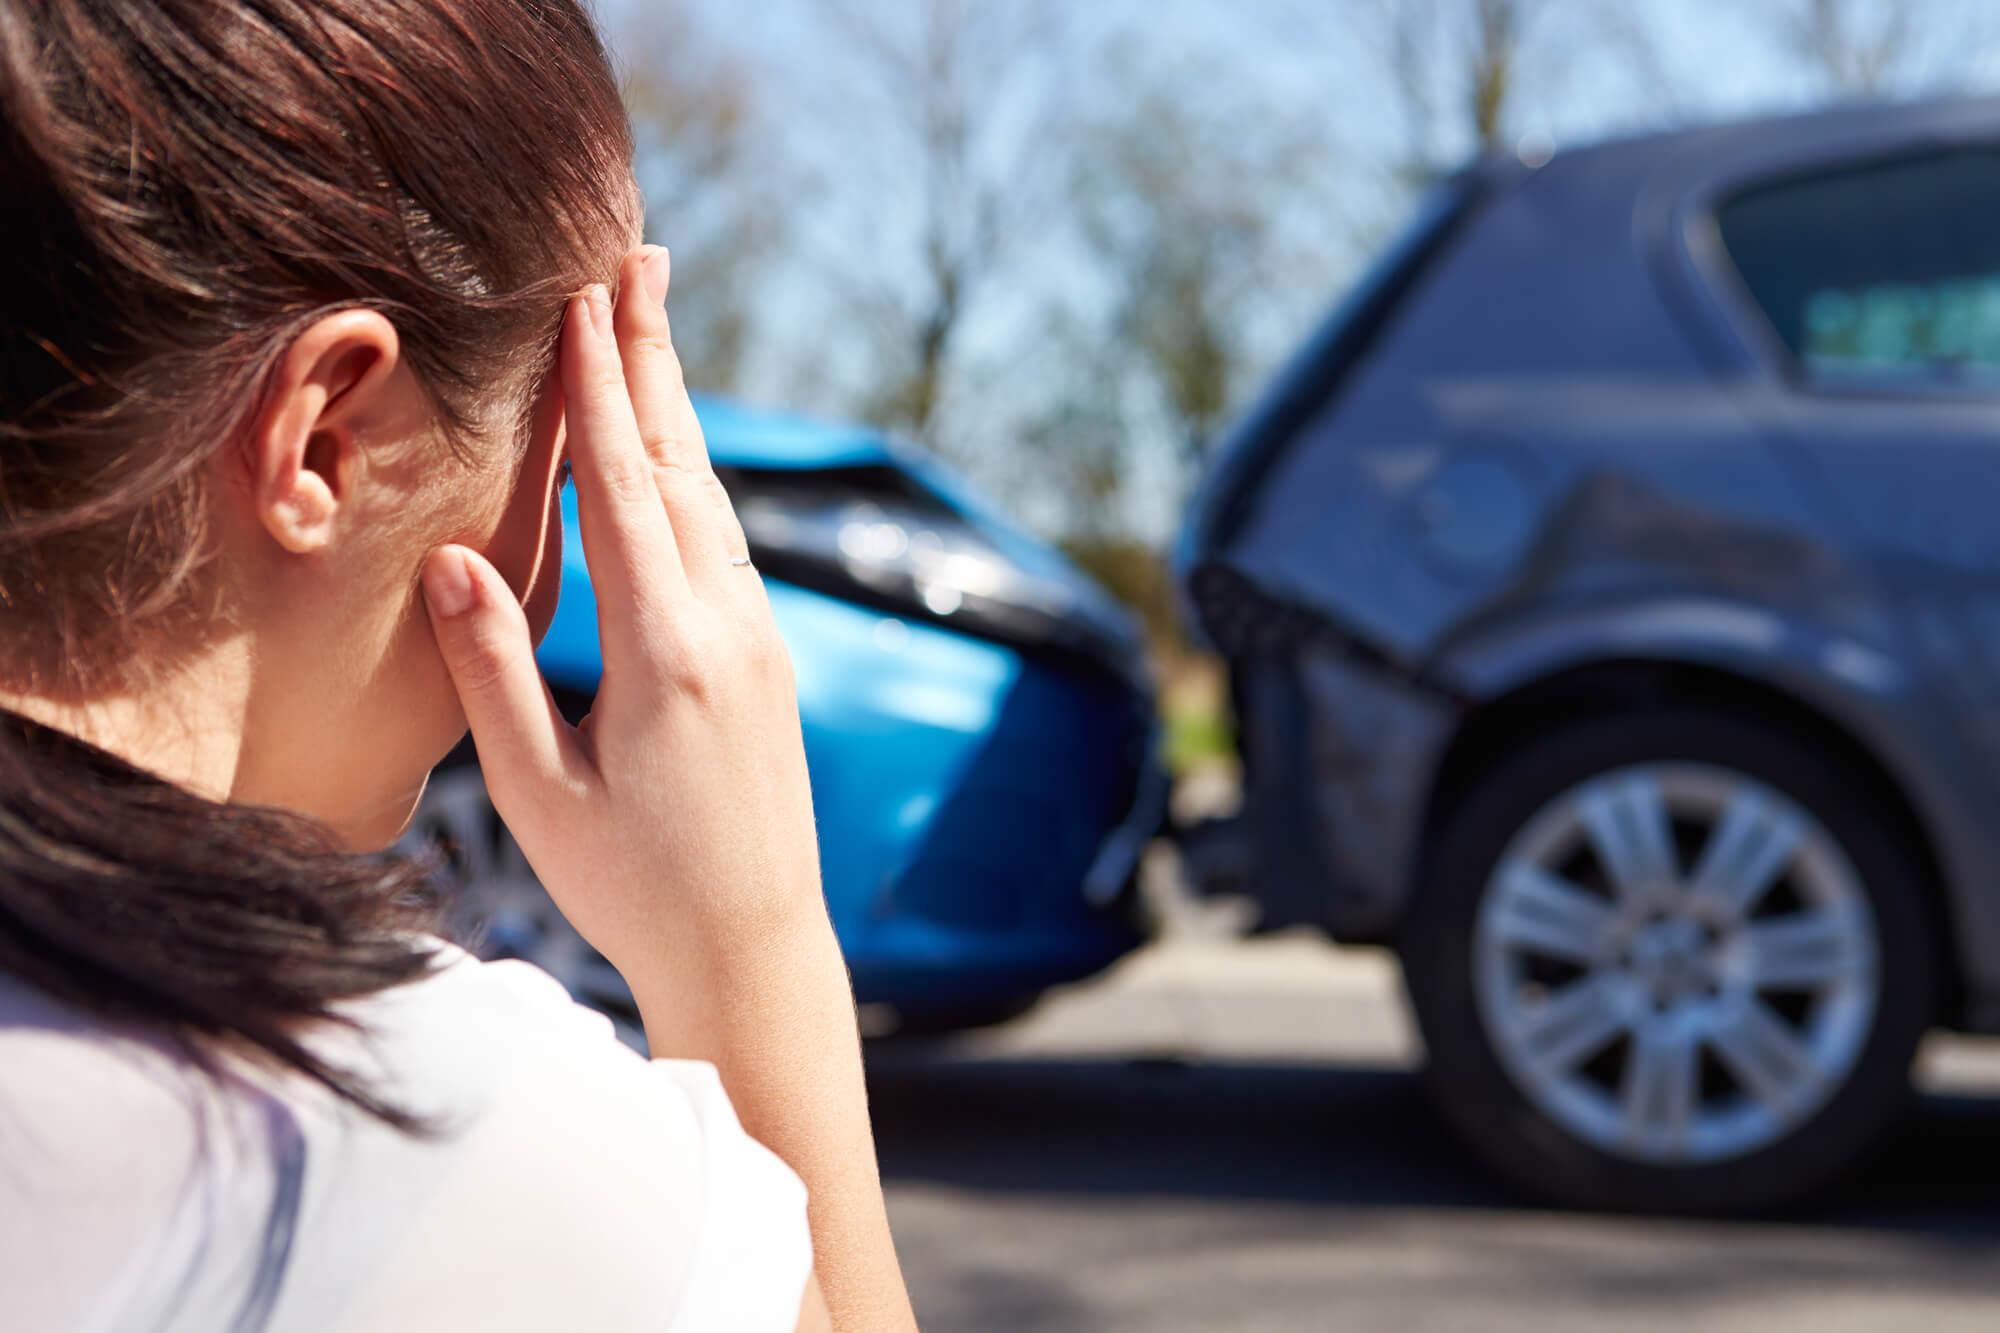 Novas regras prometem deixar seguro de automóveis mais barato